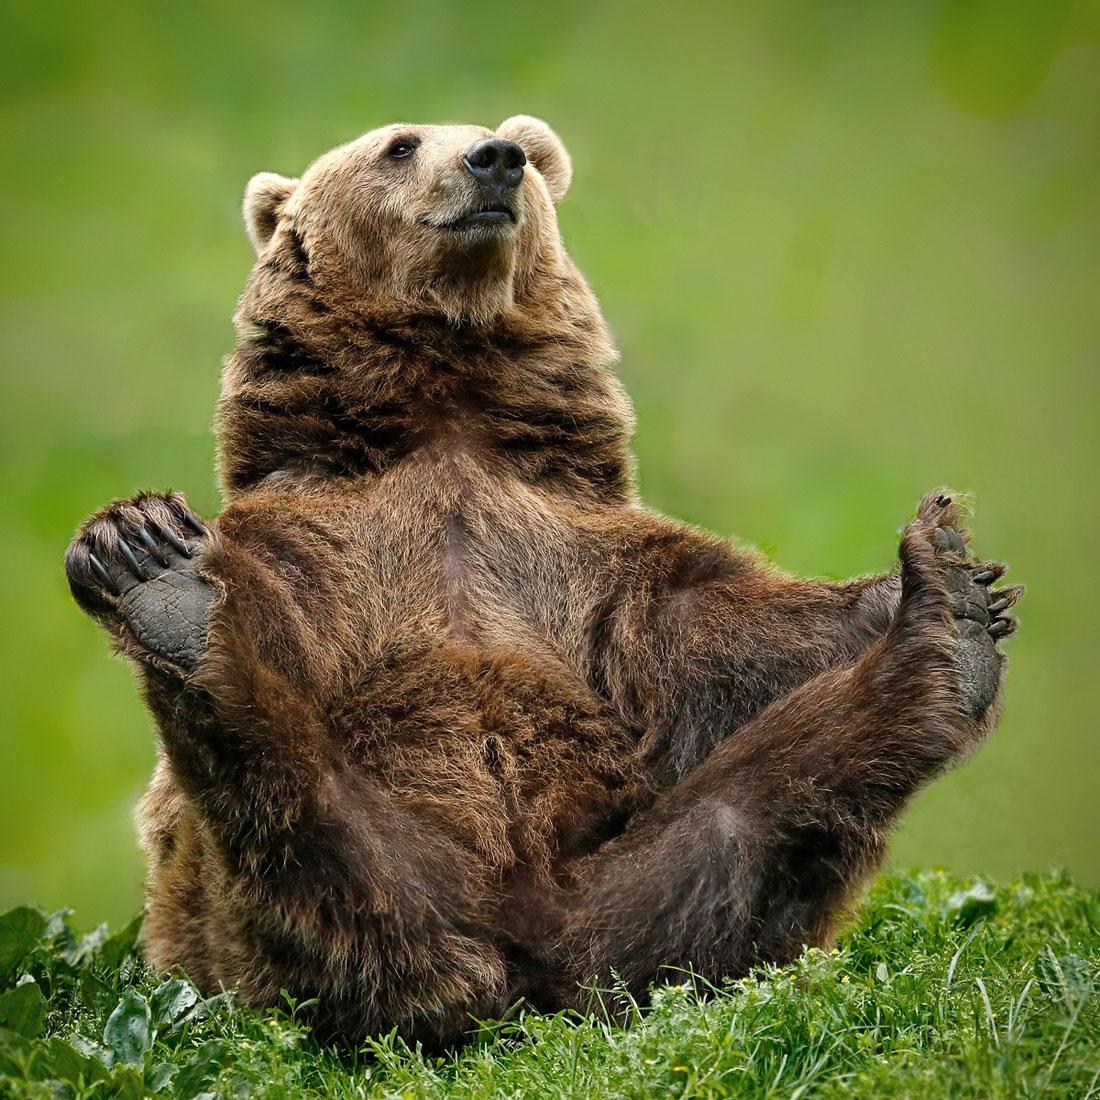 Открытки для, очень смешной медведь картинки